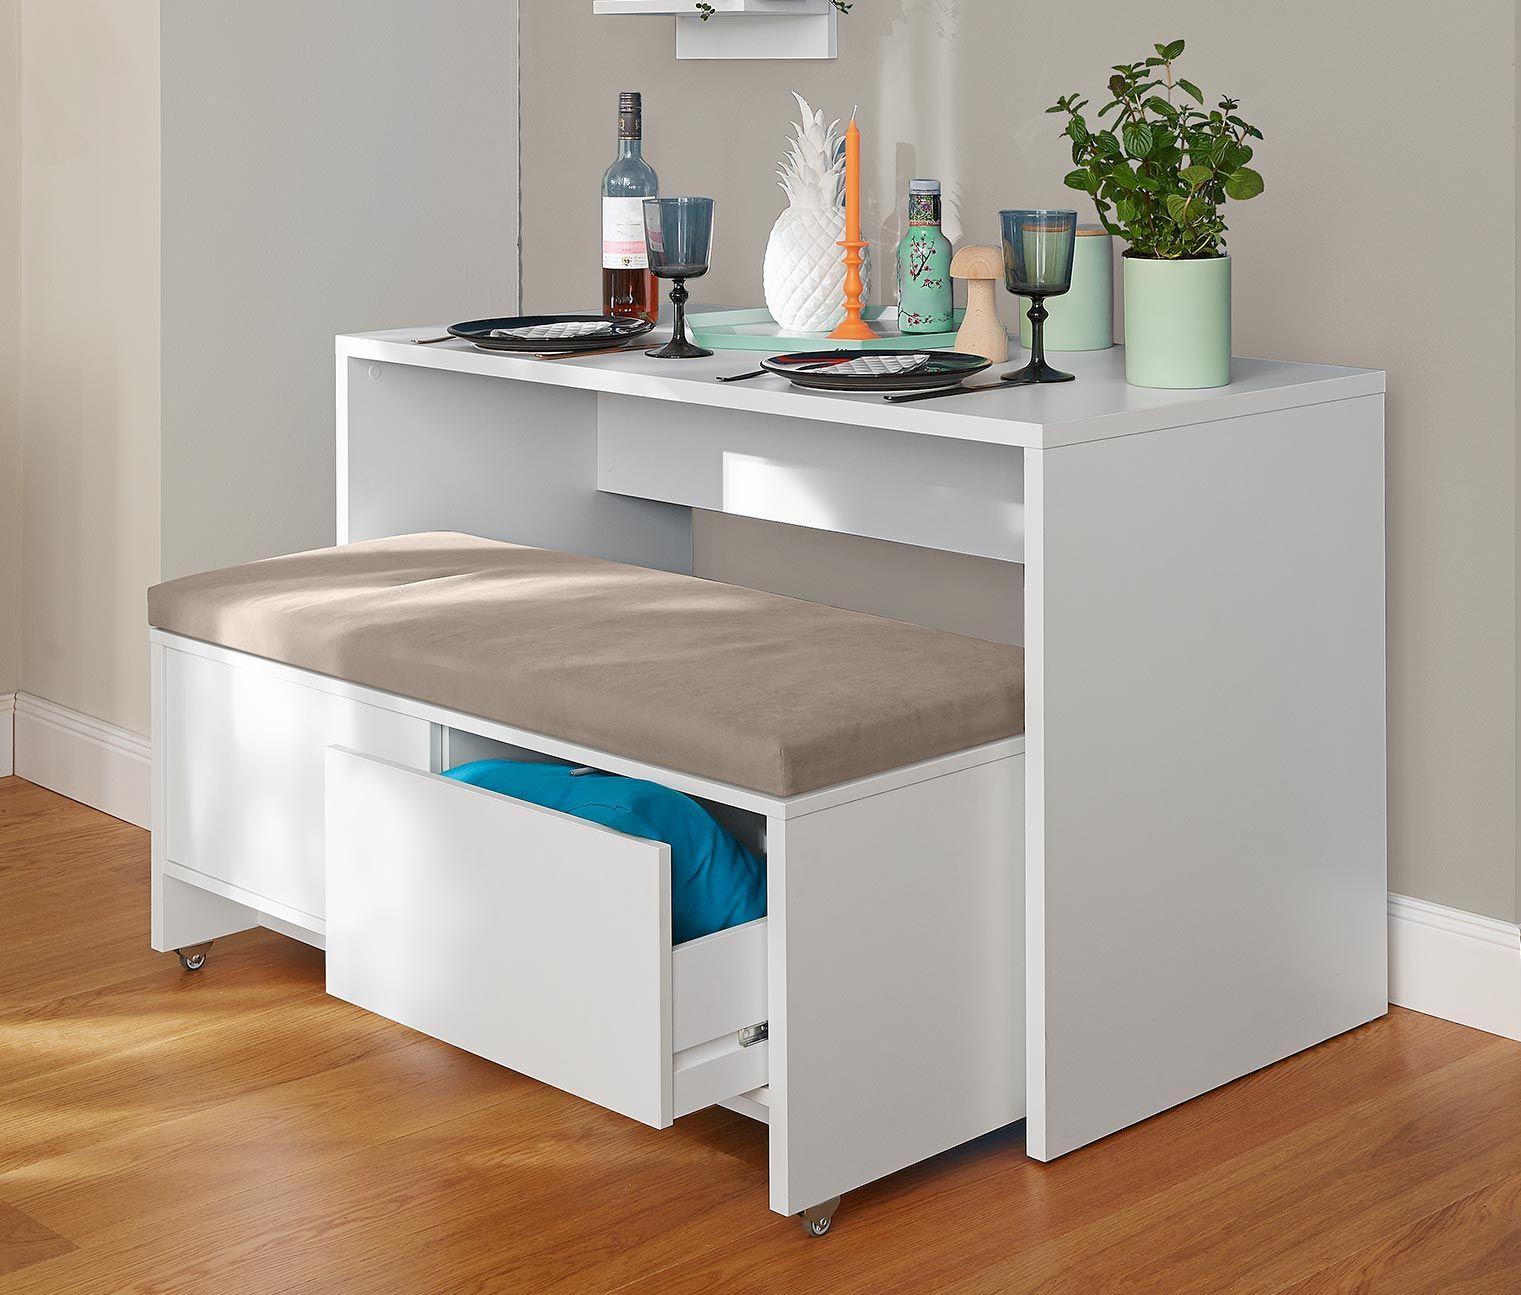 Auf Kleinem Raum Entstehen Die Besten Ideen Für Schöne Und Praktische Möbel.  Dieses Intelligente Set Besteht Aus Einem Tisch Und Einer Rollbaren  Sitzbank.